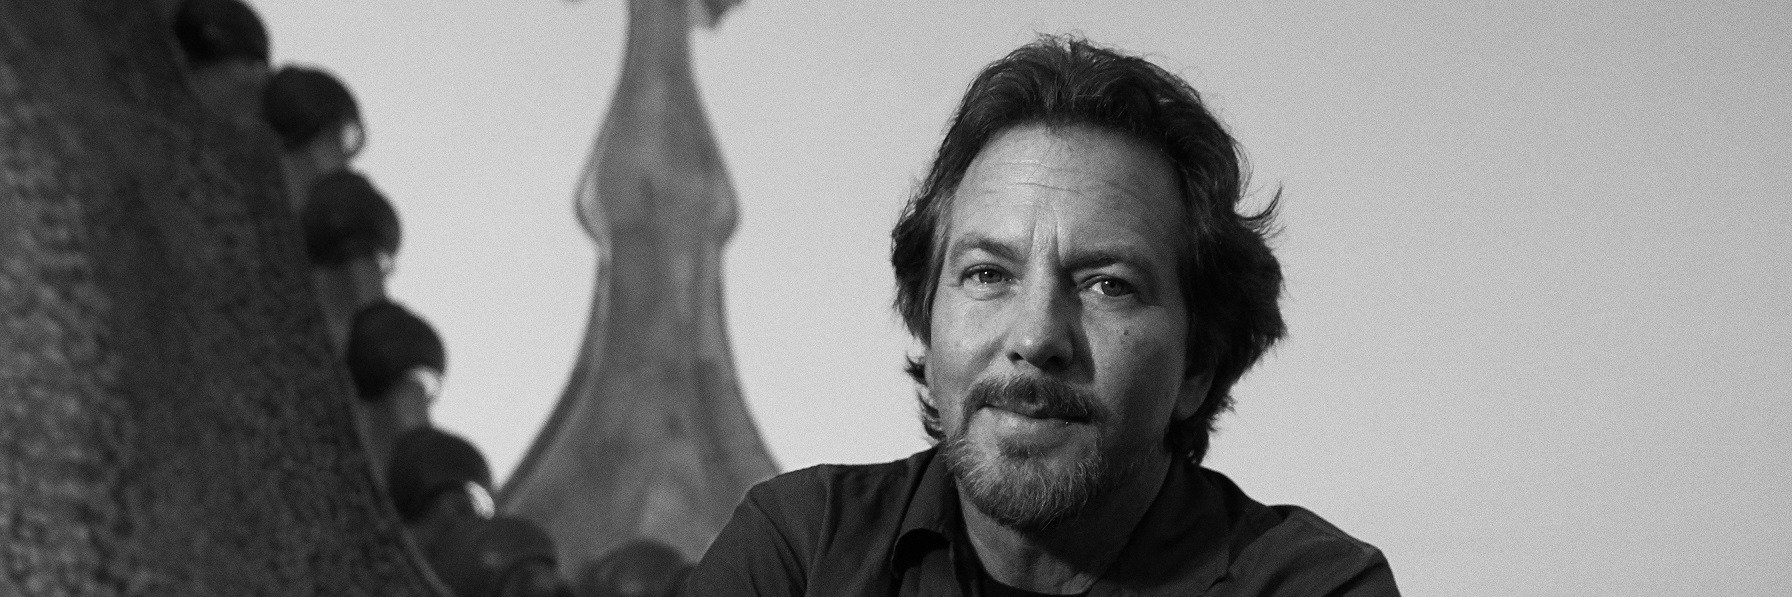 """Eddie Vedder, frontman legendarnego zespołu Pearl Jam, prezentuje pierwszy solowy singiel z nadchodzącego albumu """"Earthling"""""""